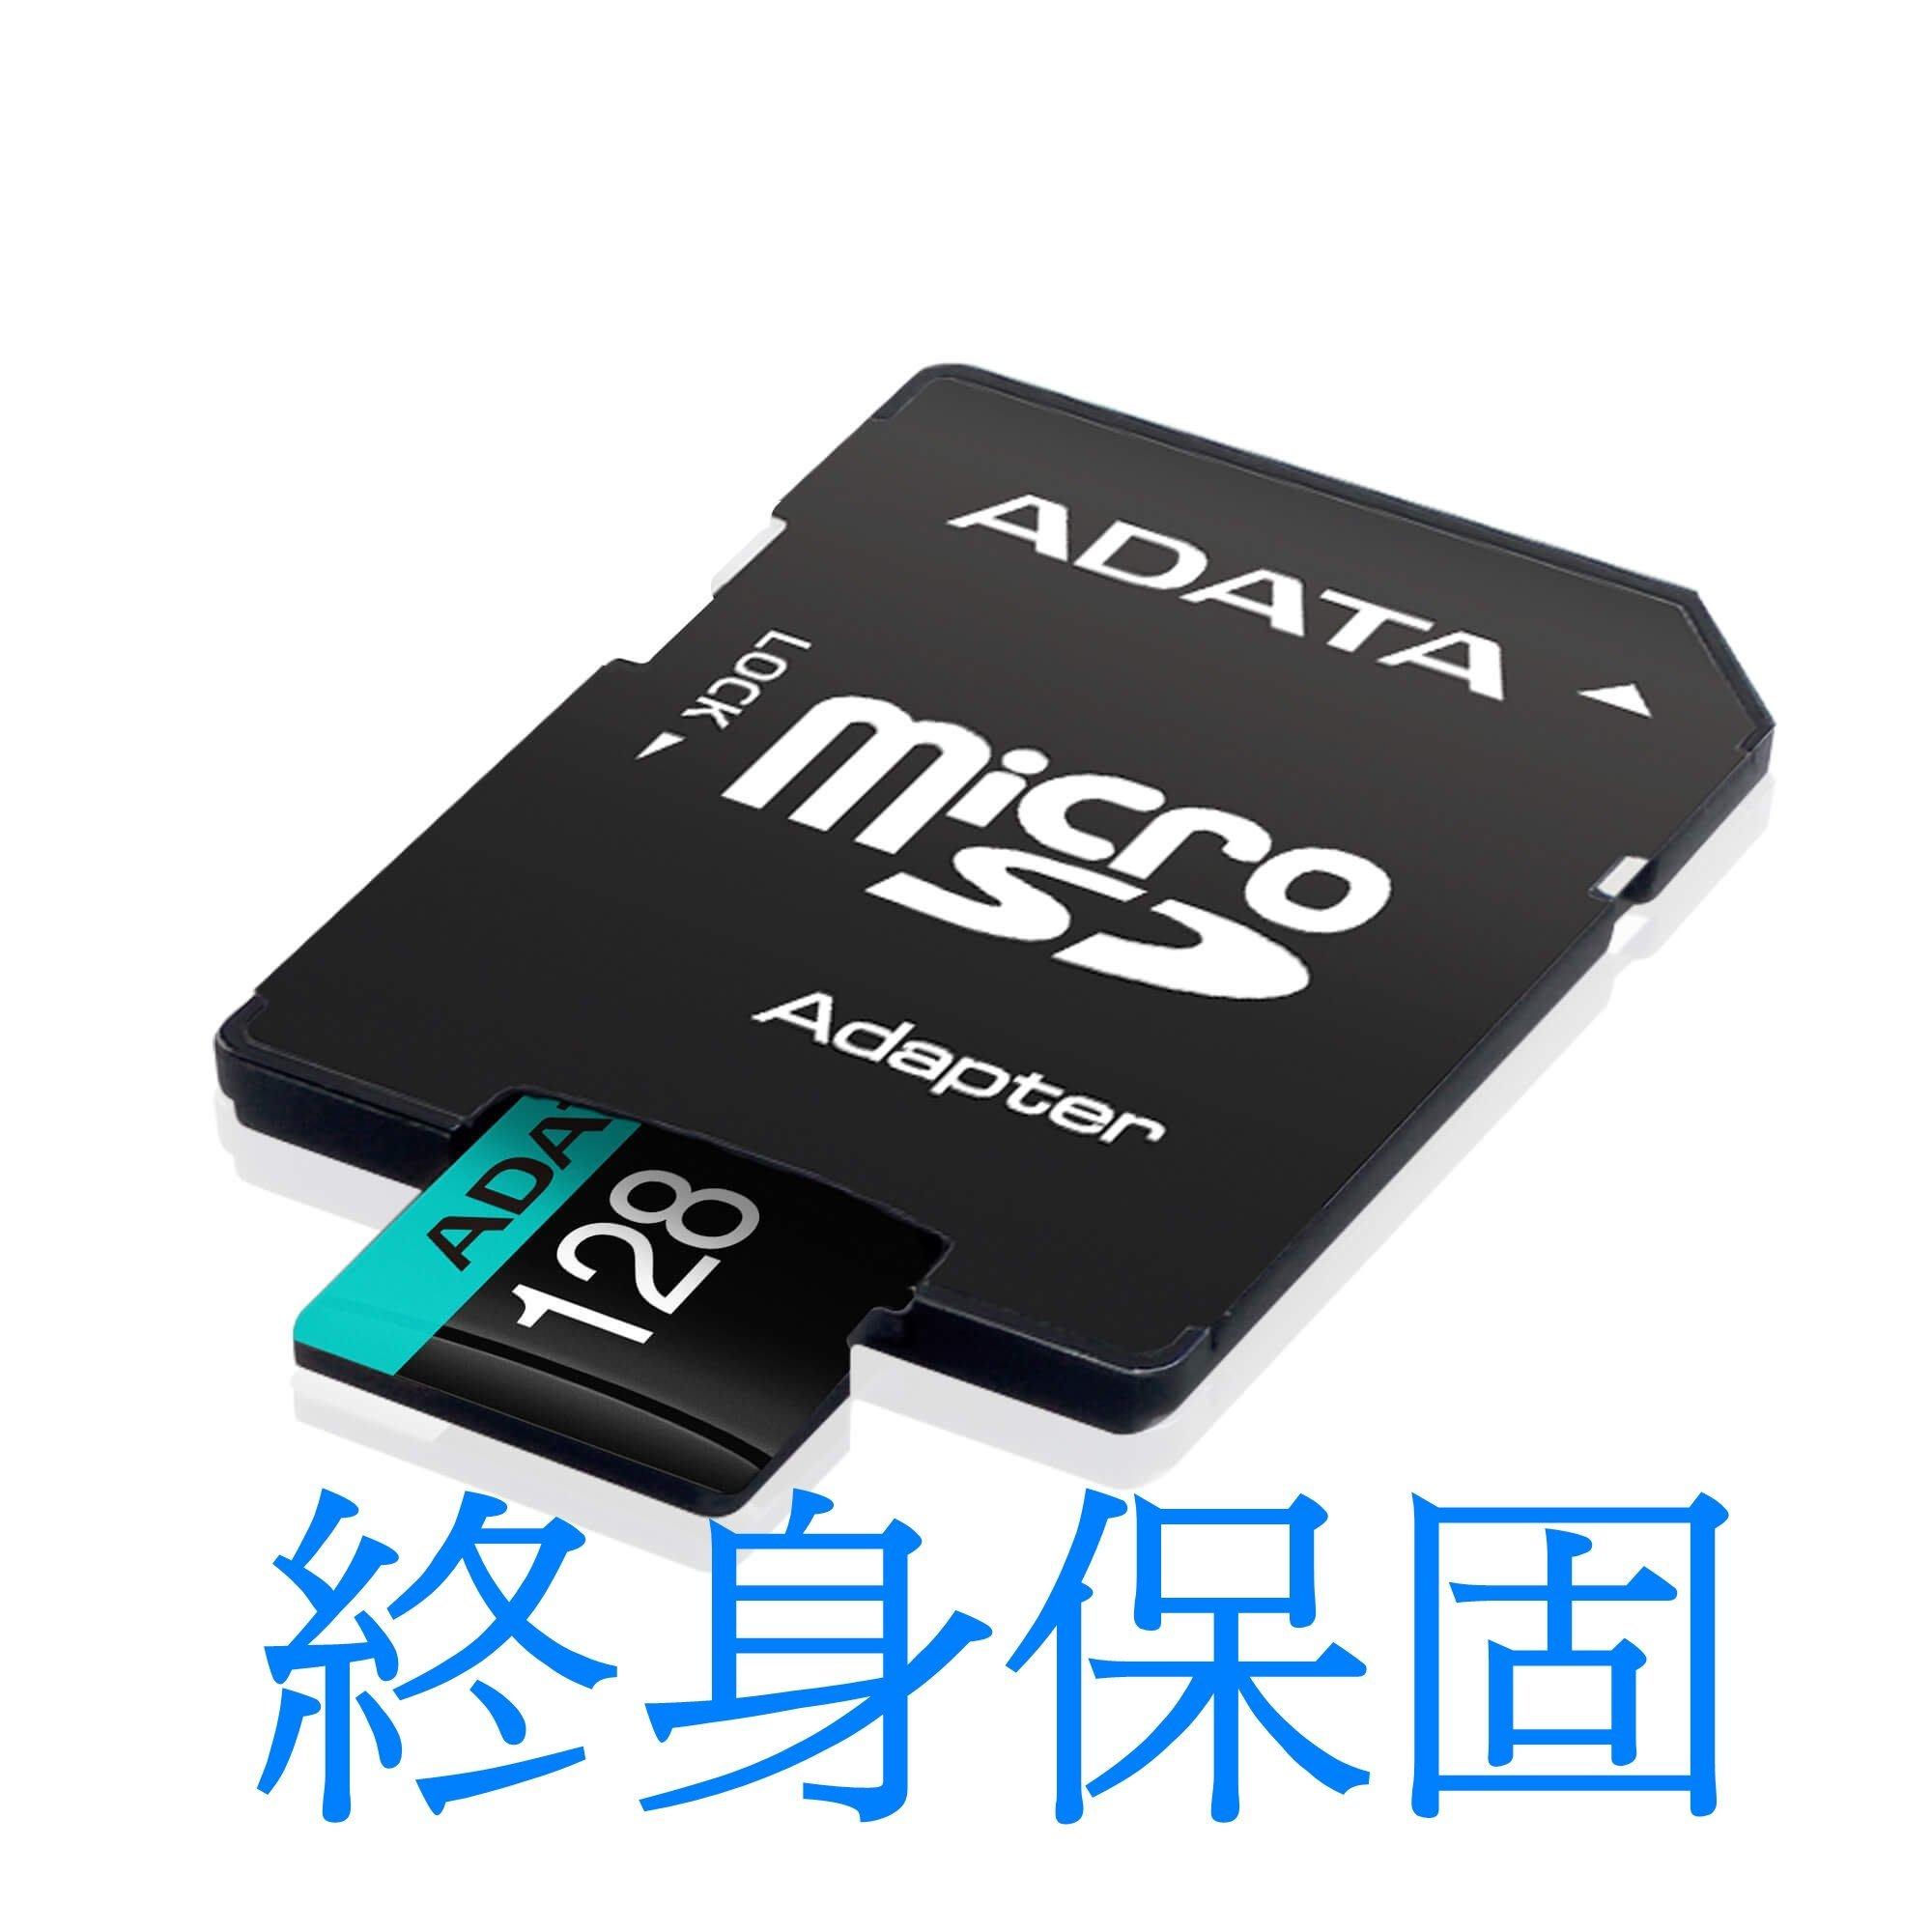 威剛 ADATA 記憶卡 microSD 128G 直購$517 A1藍卡 100M/s 附轉卡 終身保固公司貨